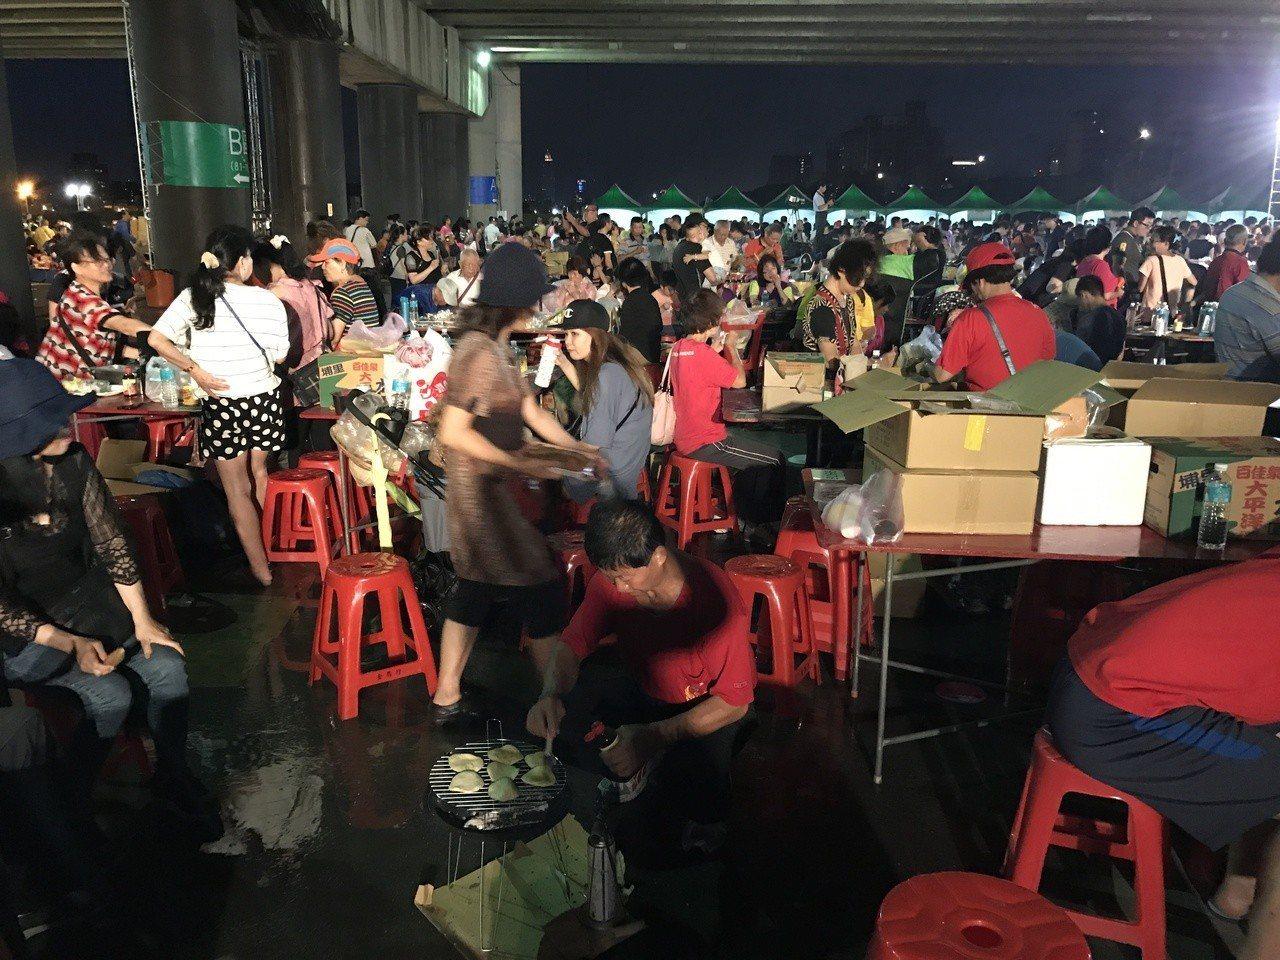 立委高志鵬協辦的中秋親子聯歡烤肉晚會今晚在三重龍門路堤防內舉行,有5千人參加。記...